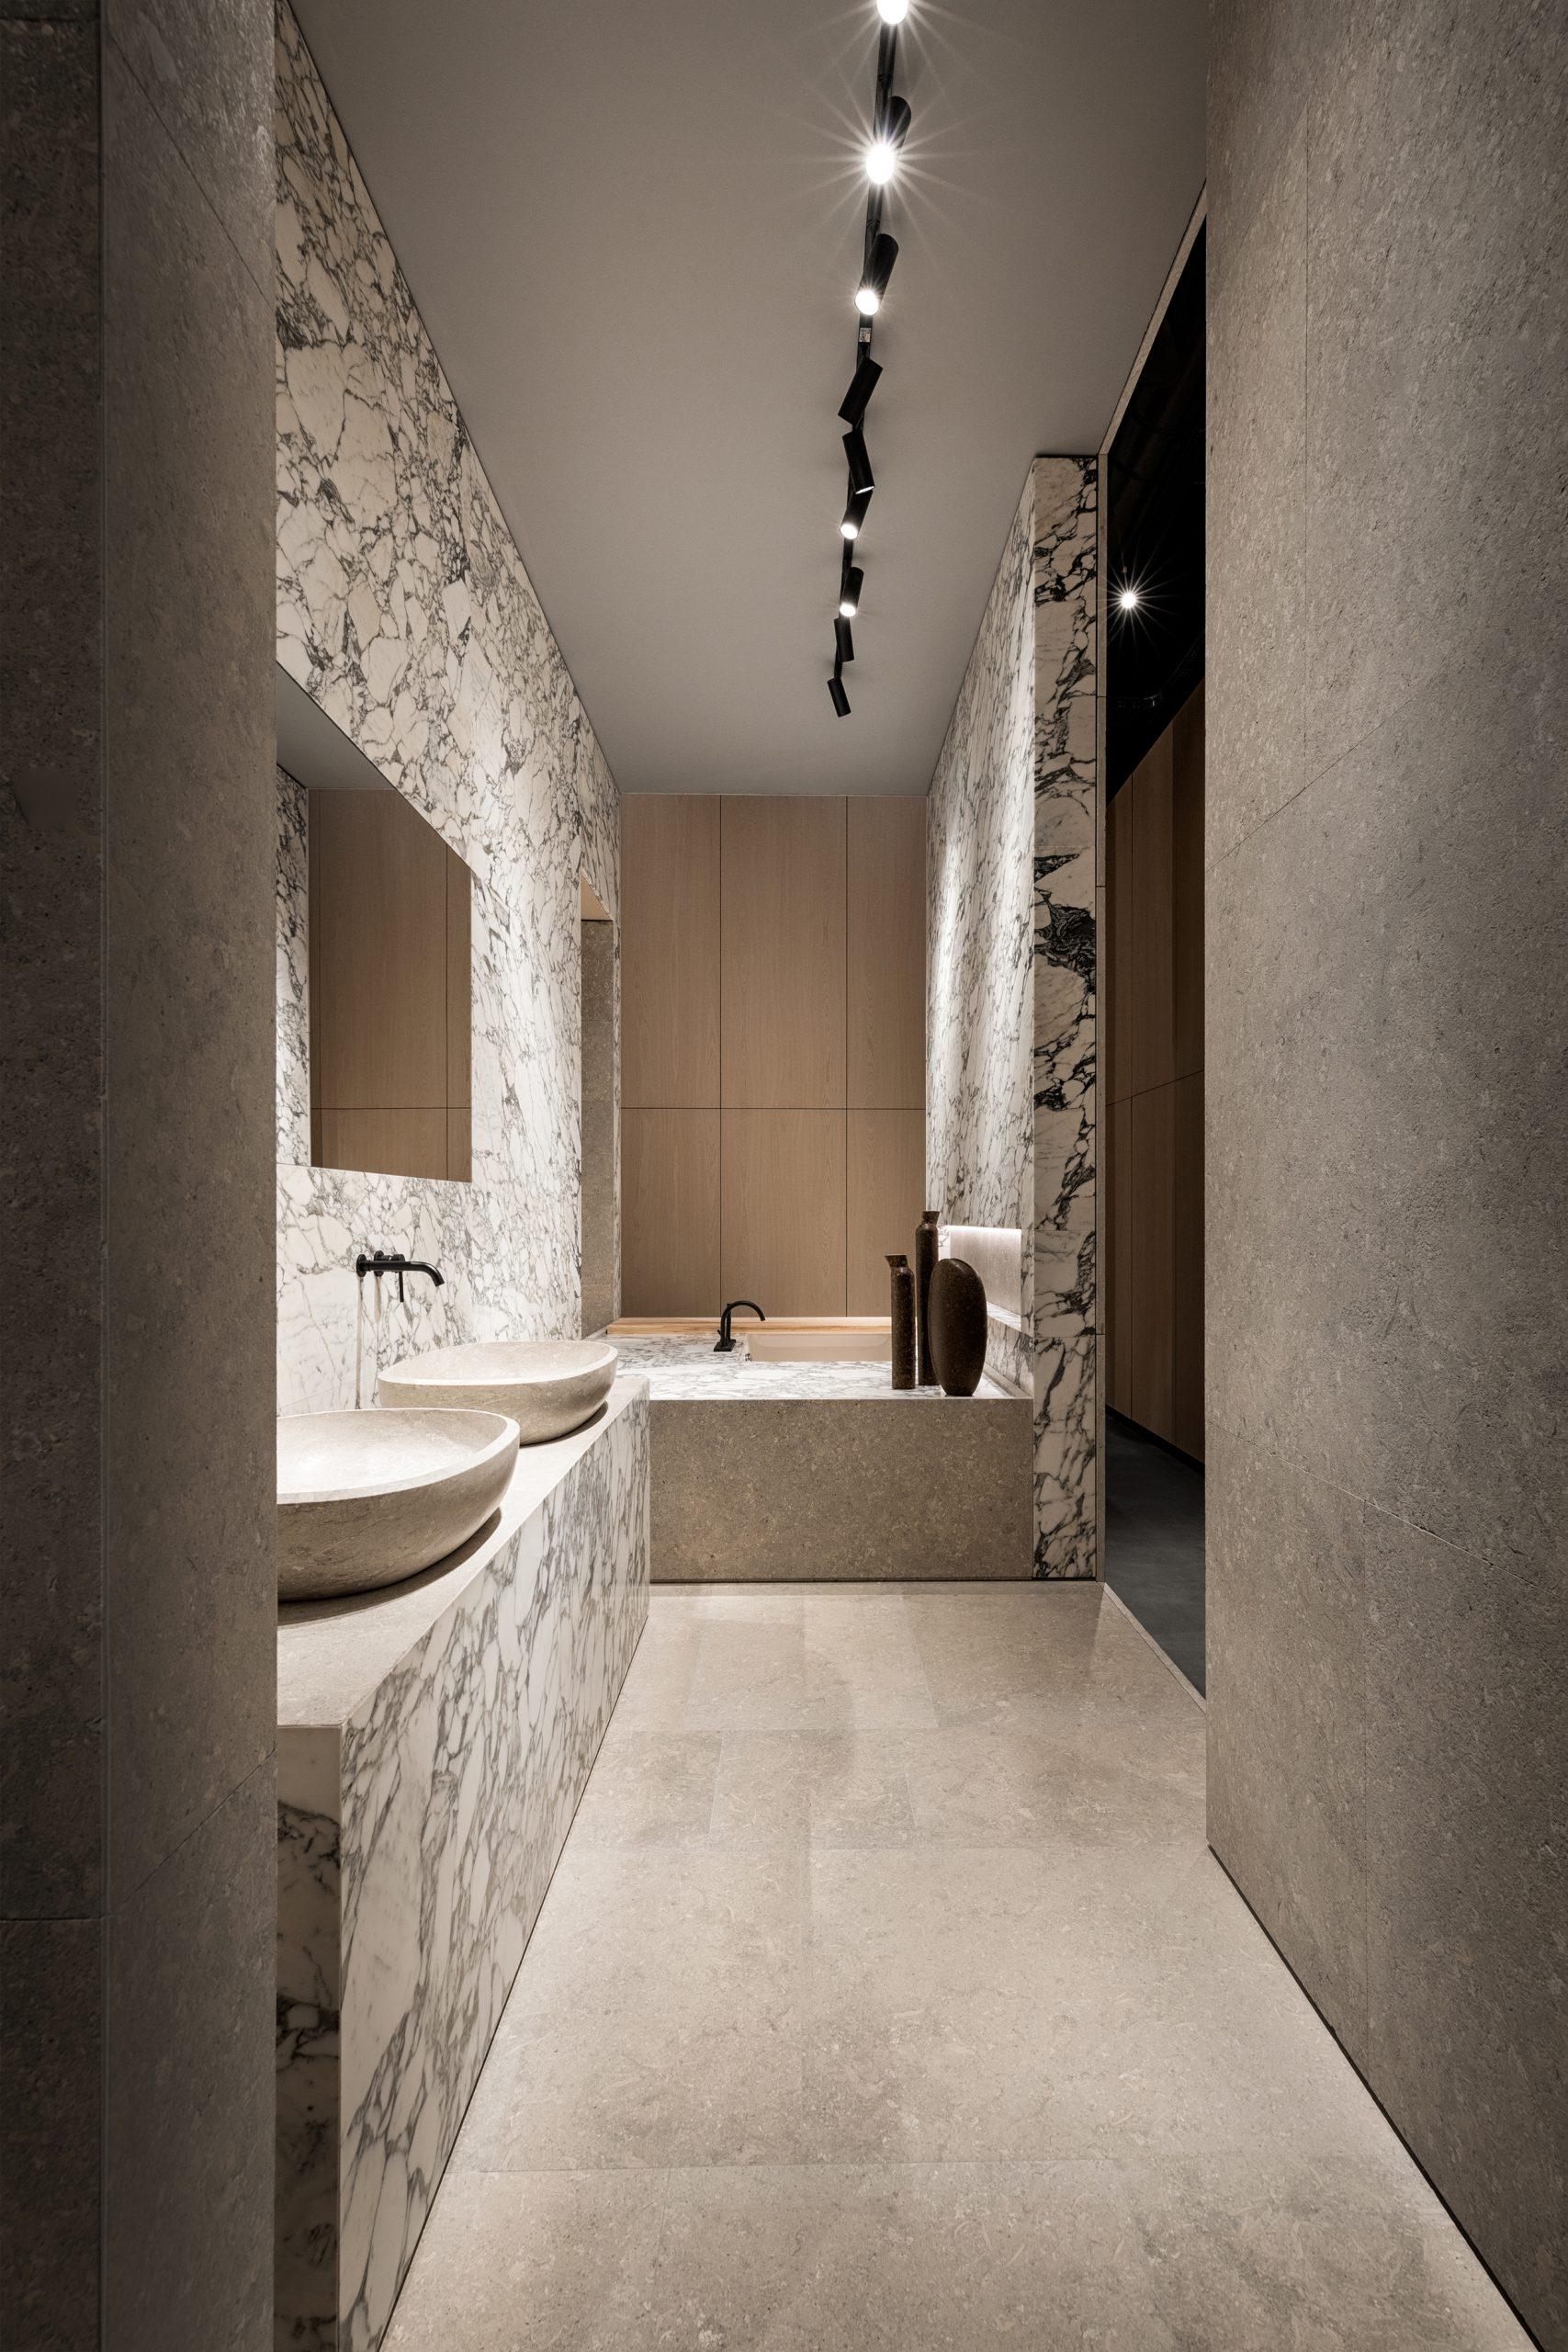 Arabescato marble Bathroom detail in the Showroom Interior Design by Debiasi Sandri for Grassi Pietre